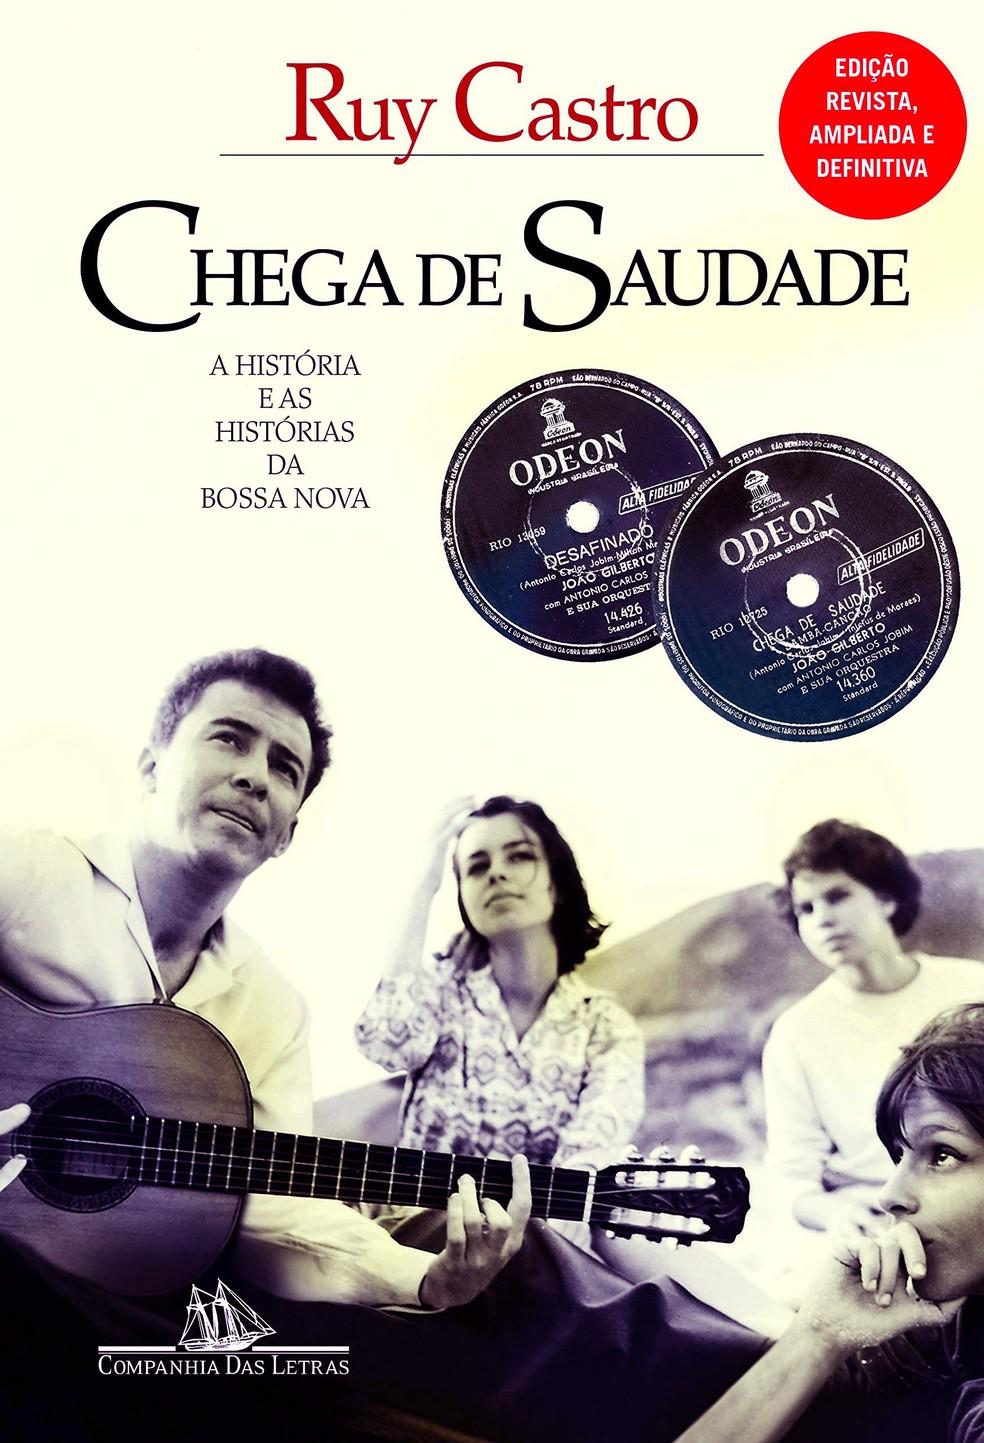 Capa da mais recente edição do livro 'Chega de saudade', de Ruy Castro — Foto: Reprodução